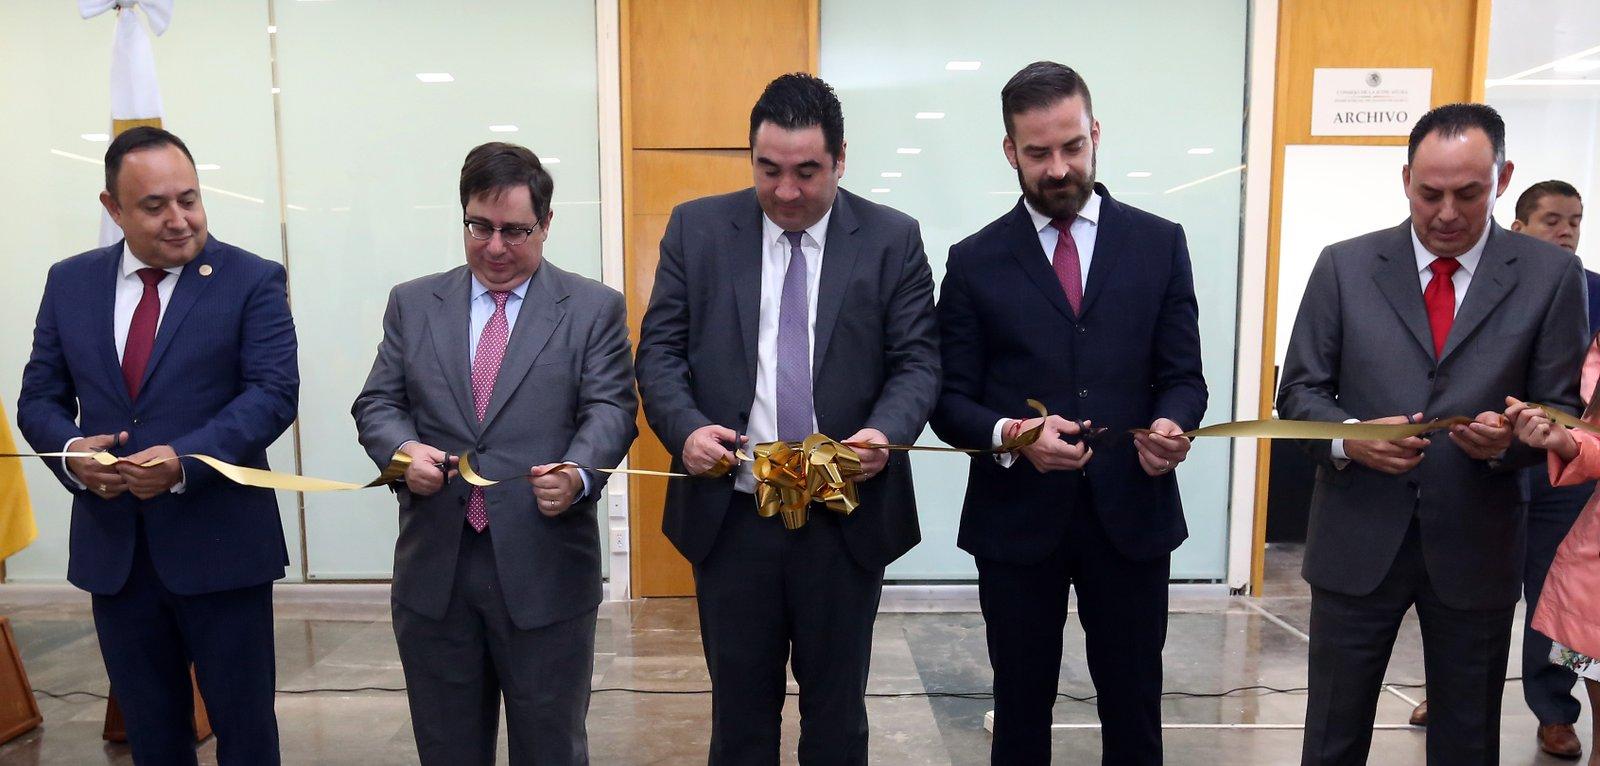 Con la optimización de recursos,  Poder Judicial de Jalisco  abre nuevo juzgado